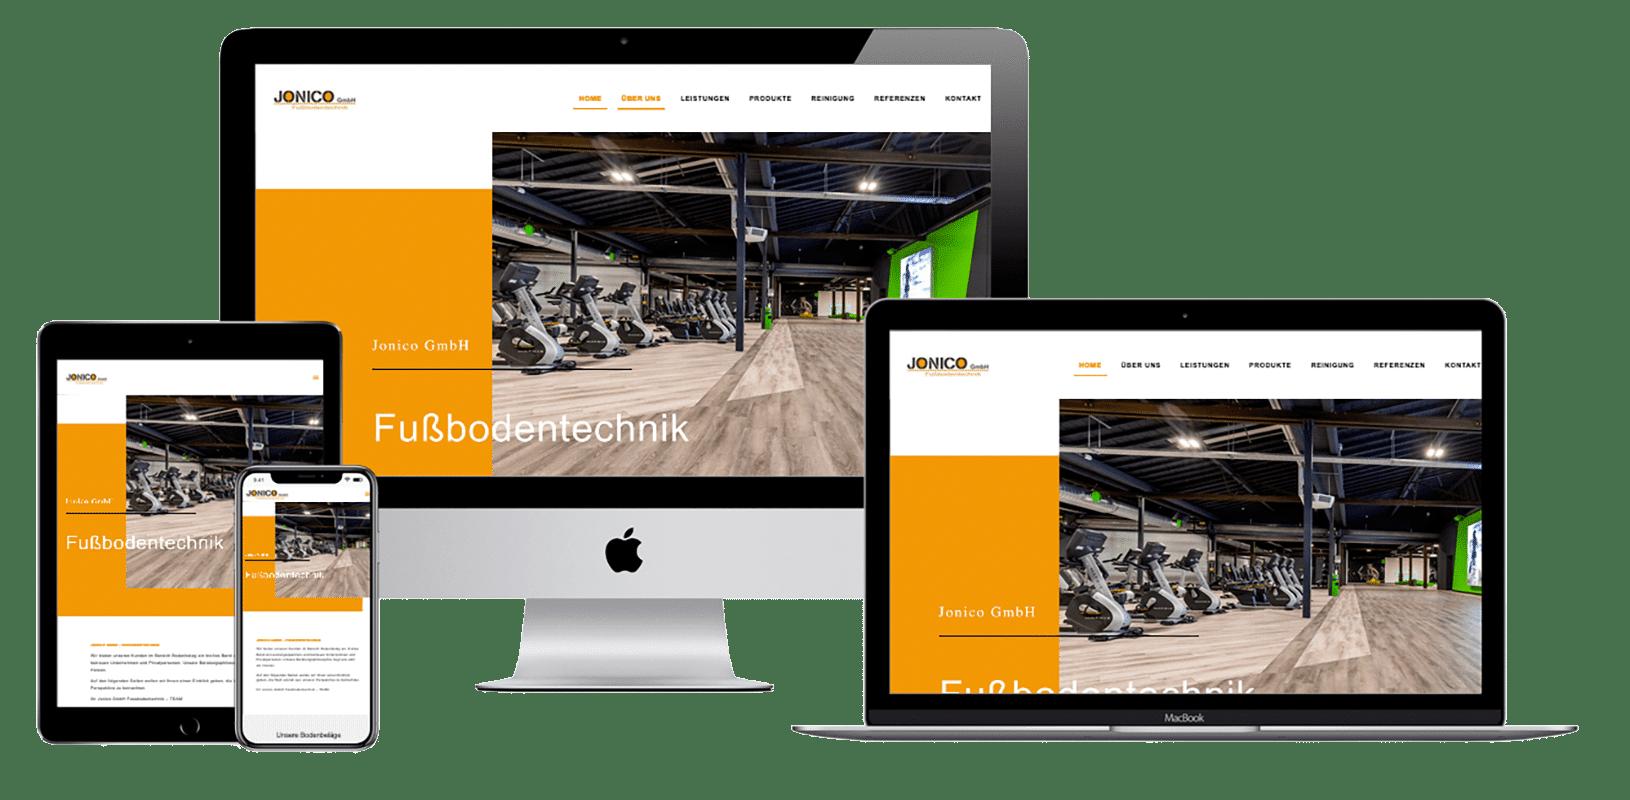 Jonico GmbH